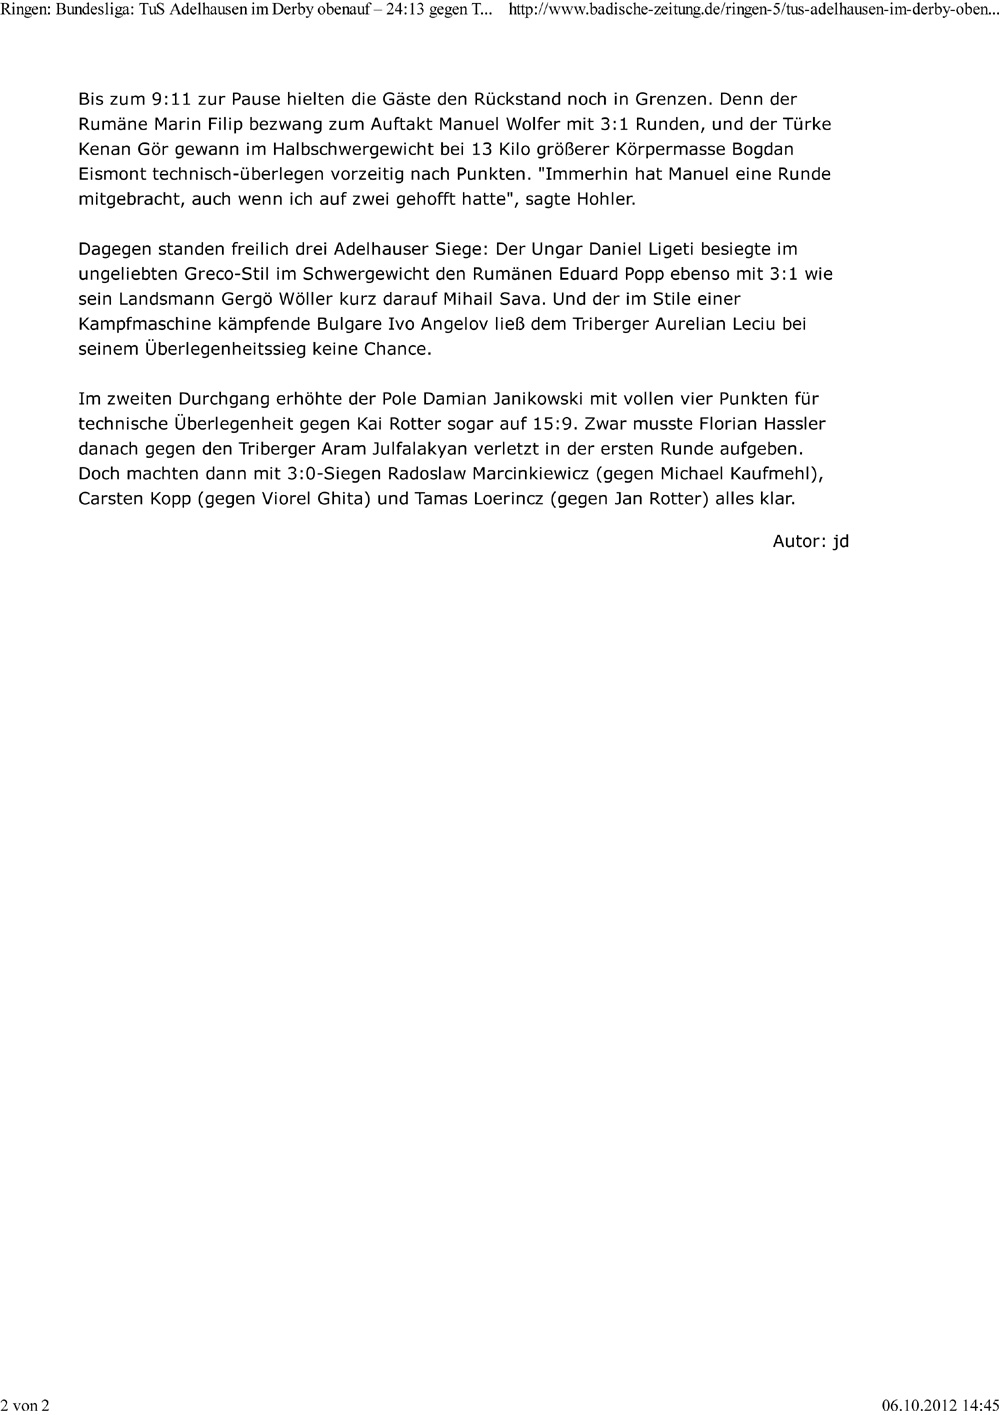 121004_BadischeZeitung_2